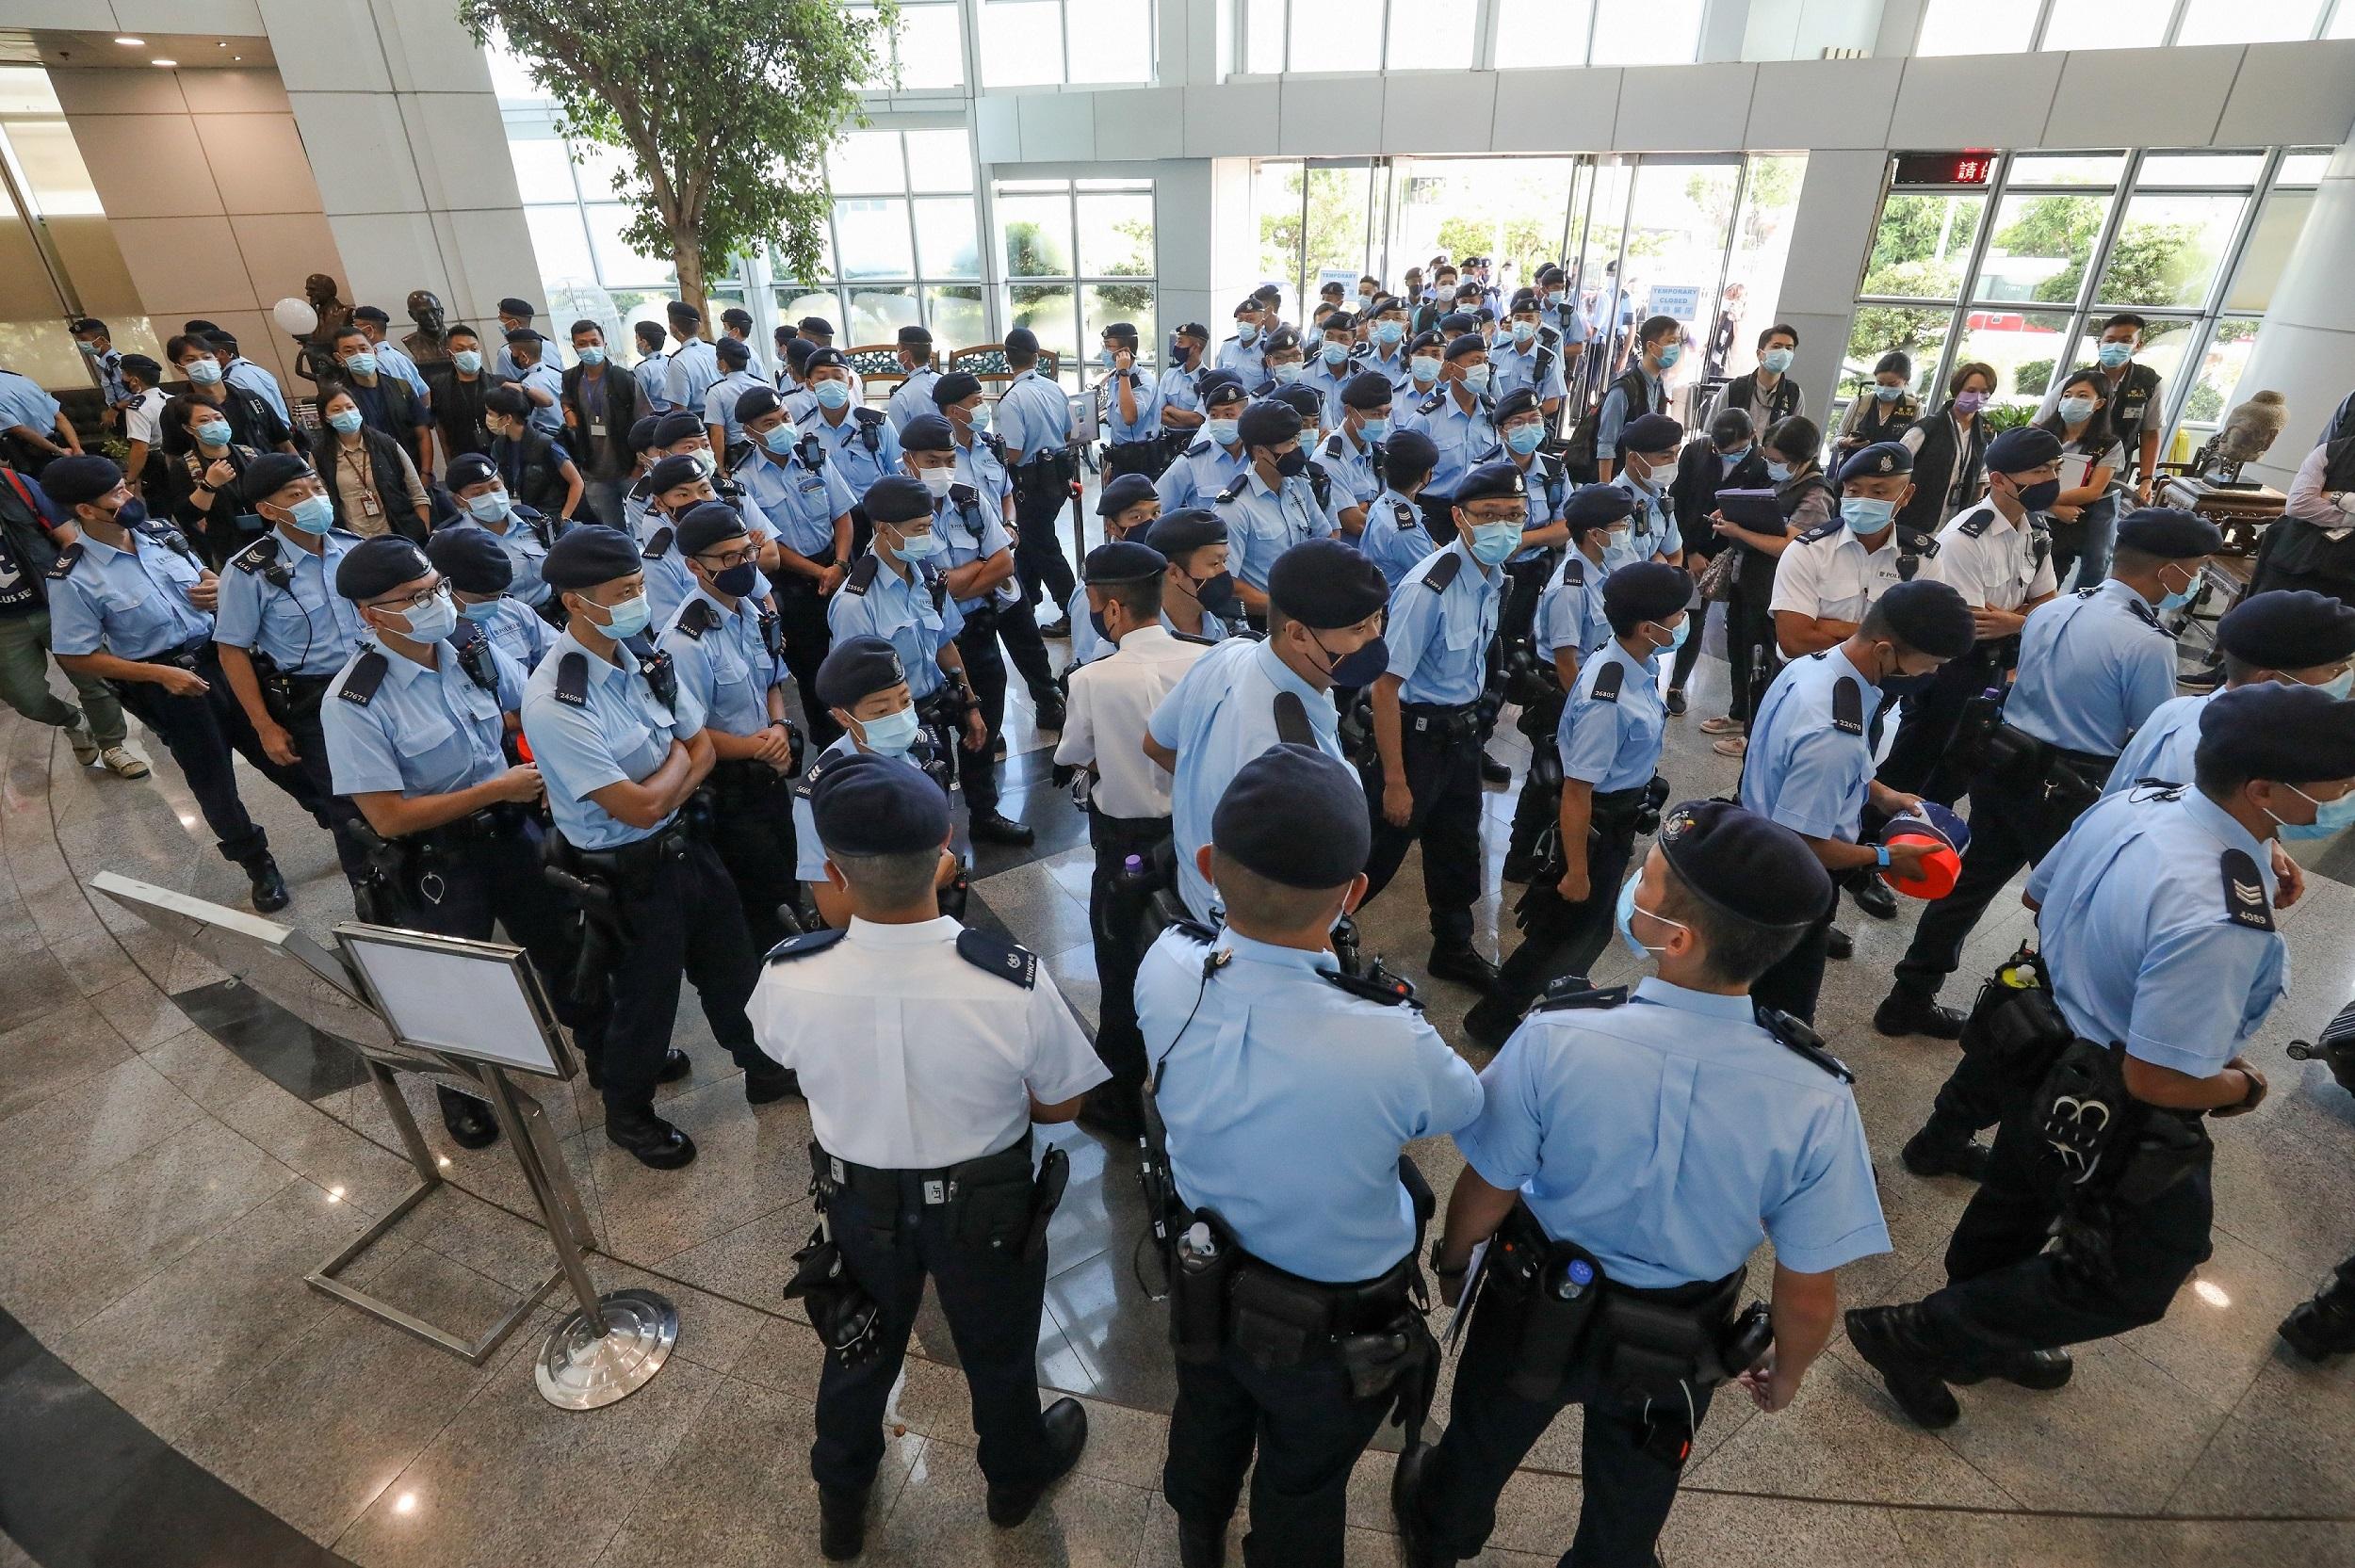 《苹果日报》6月17日被警方引「国安法」大举搜查,5名高层被捕。(《苹果日报》直播截图)